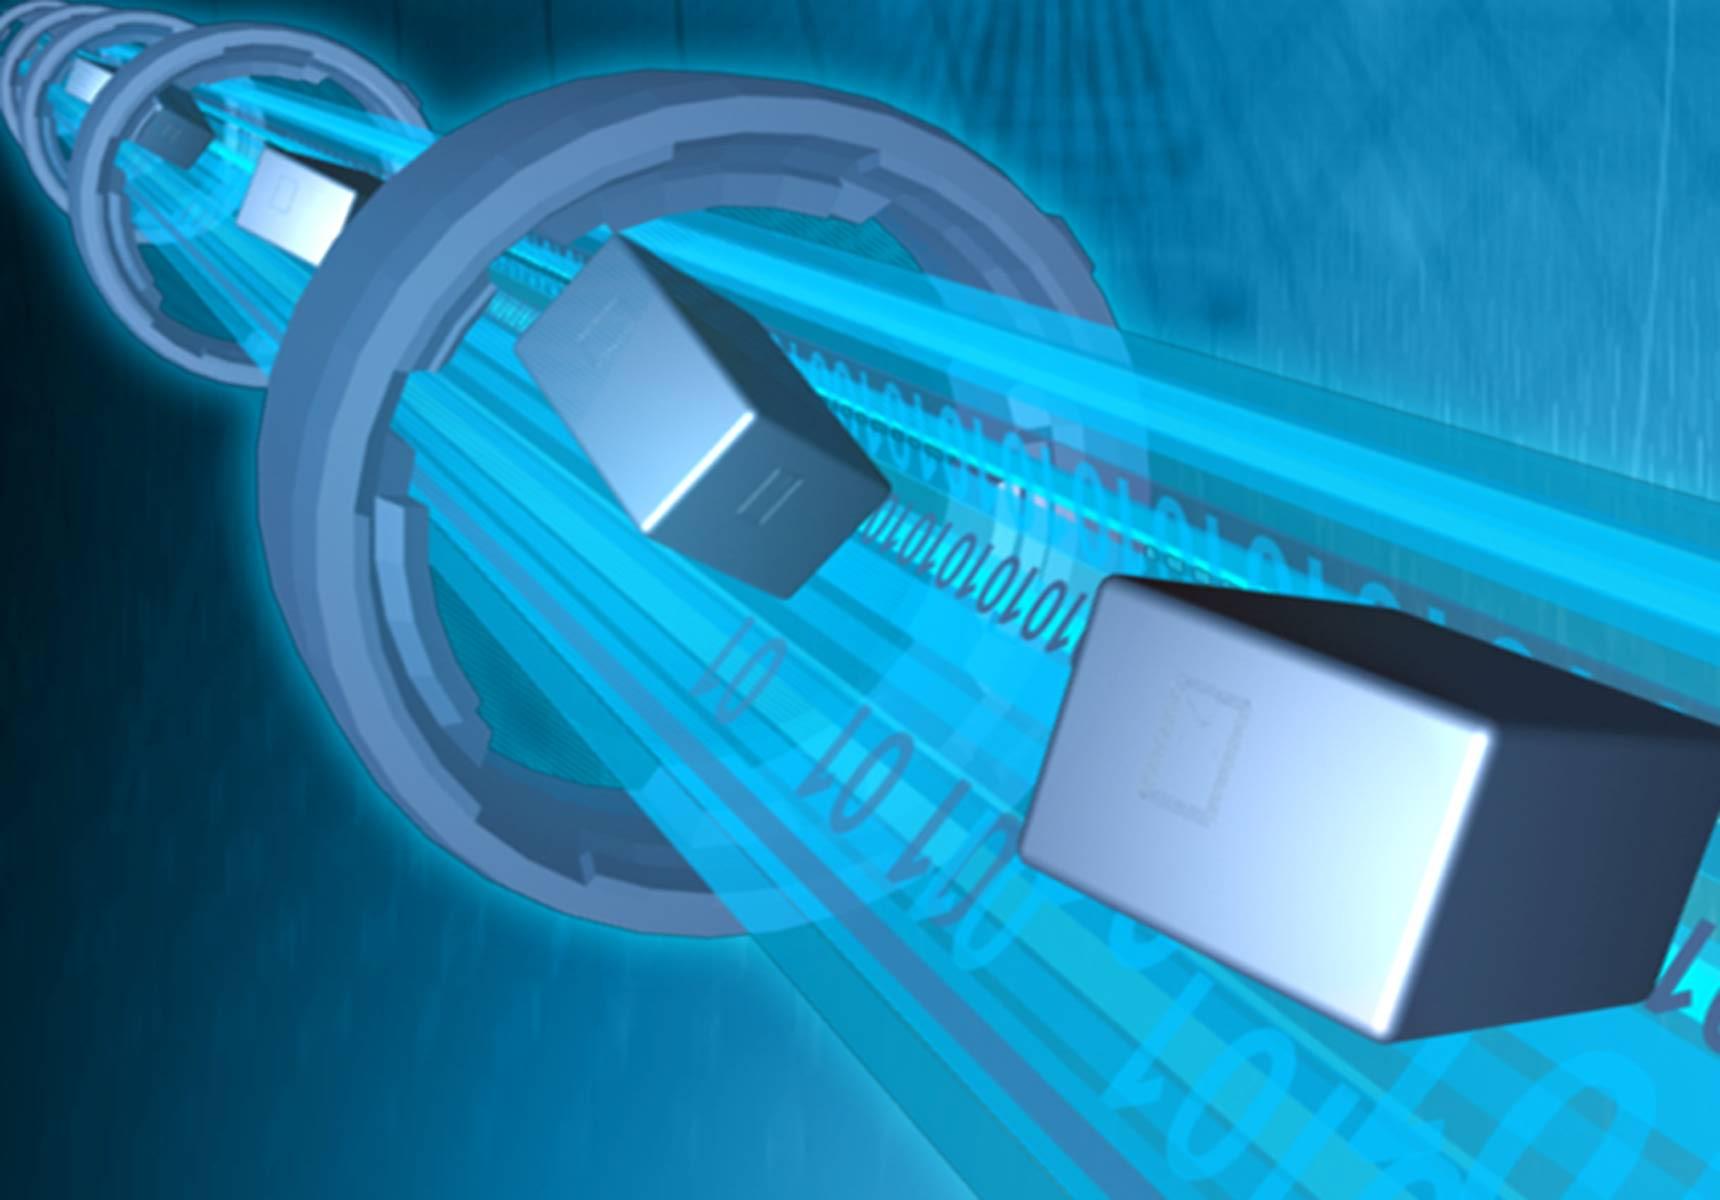 velocidad en internet